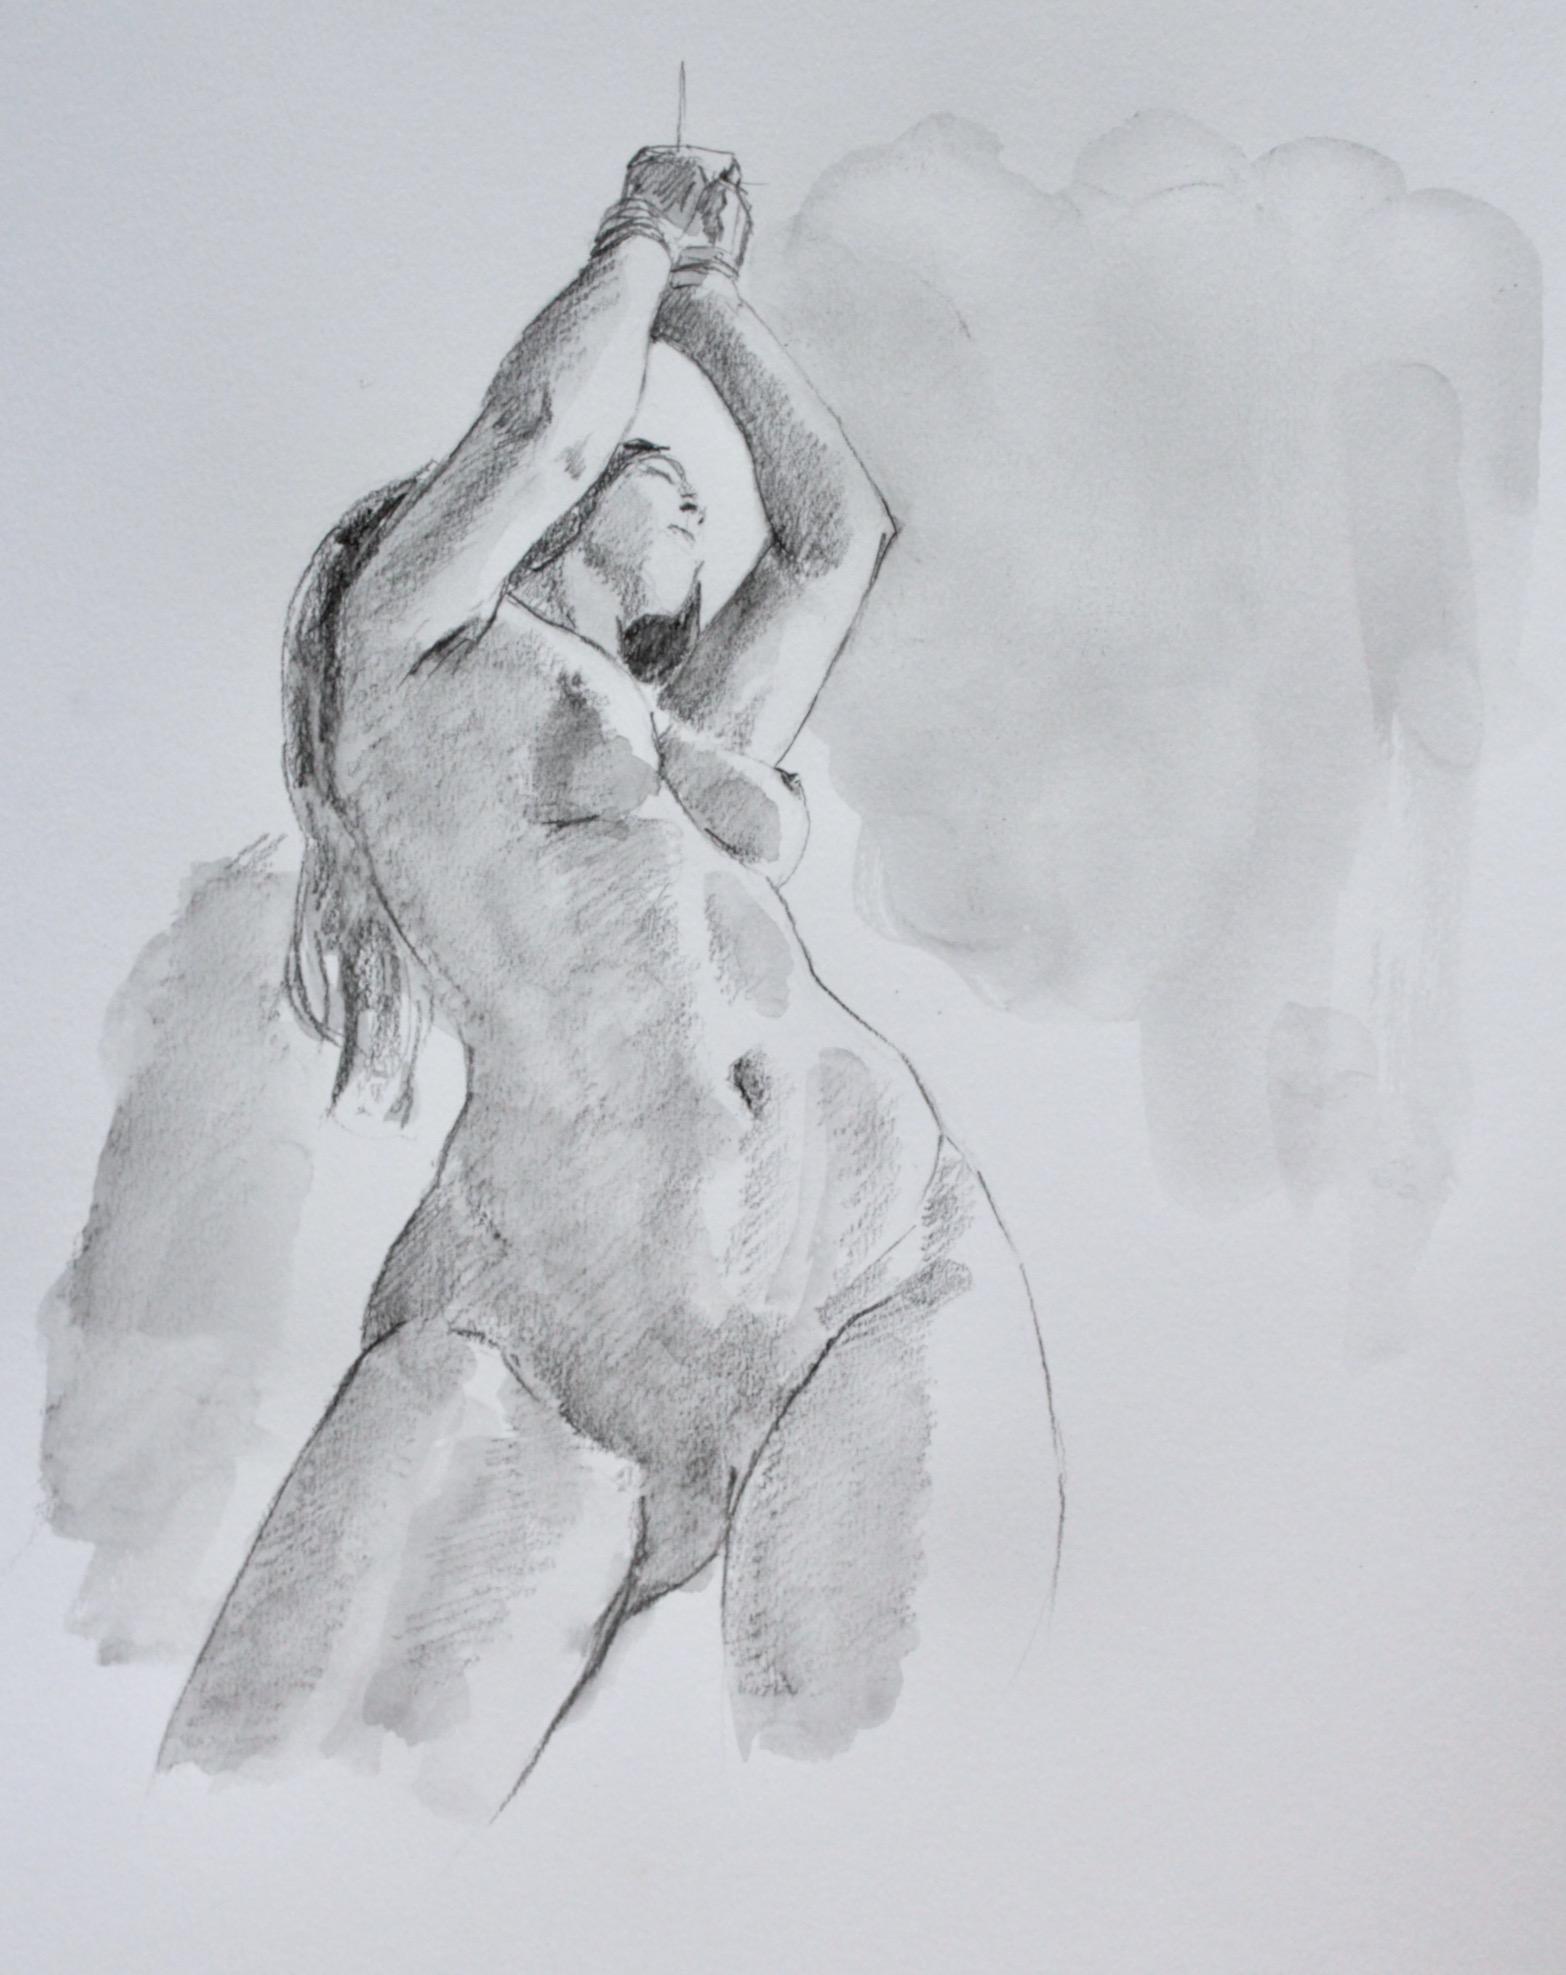 nude drawing art artistic nude girl